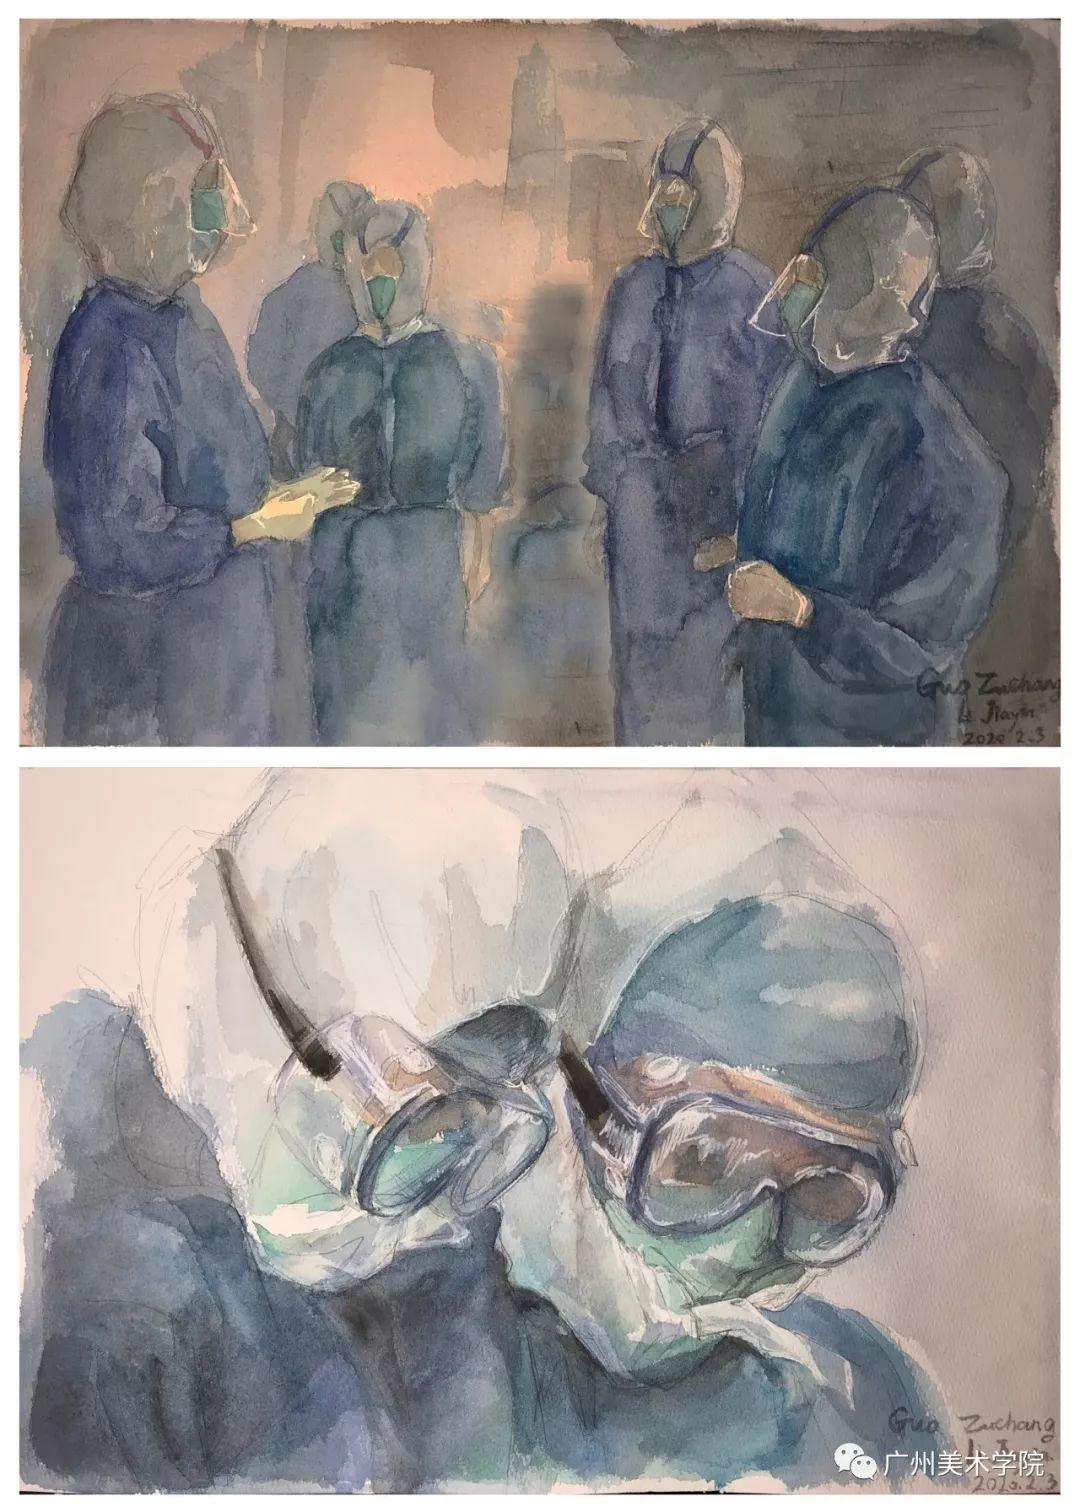 疫情当前,九大美院及千名画家用作品为武汉加油!看后暖哭了…插图69